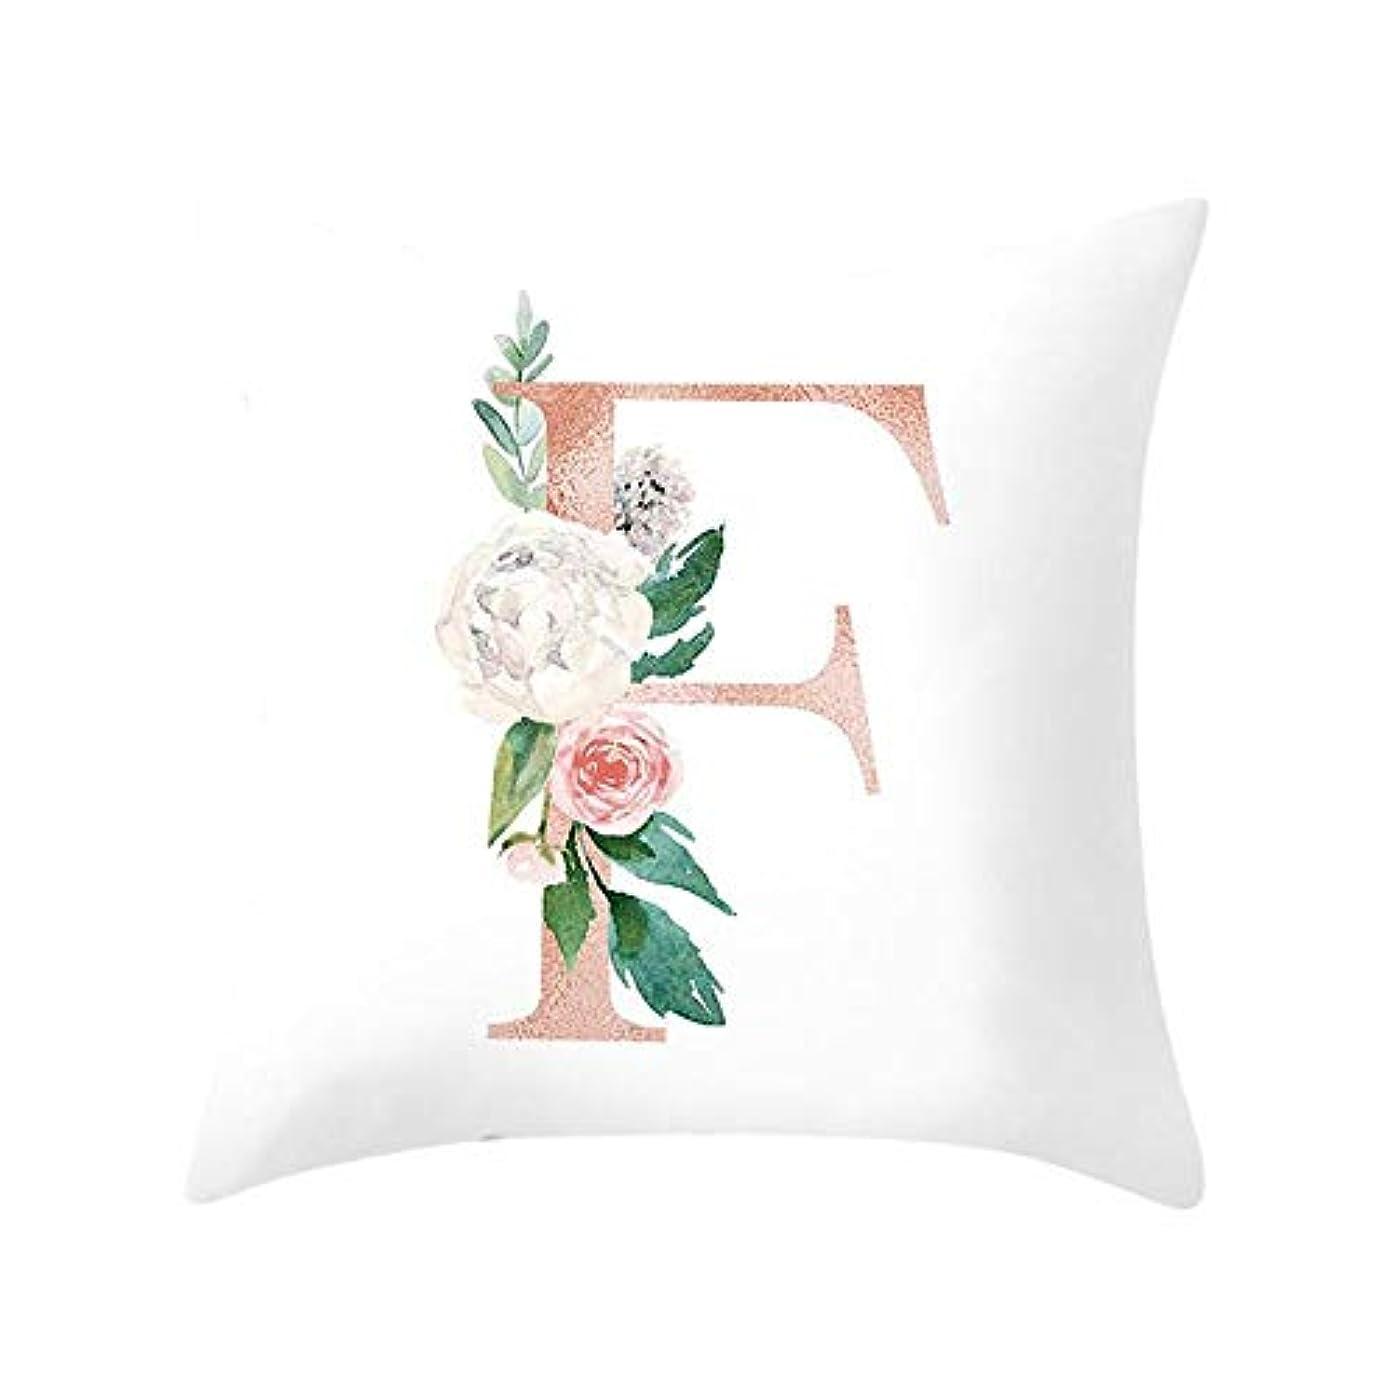 方向競う慣性LIFE 装飾クッションソファ手紙枕アルファベットクッション印刷ソファ家の装飾の花枕 coussin decoratif クッション 椅子